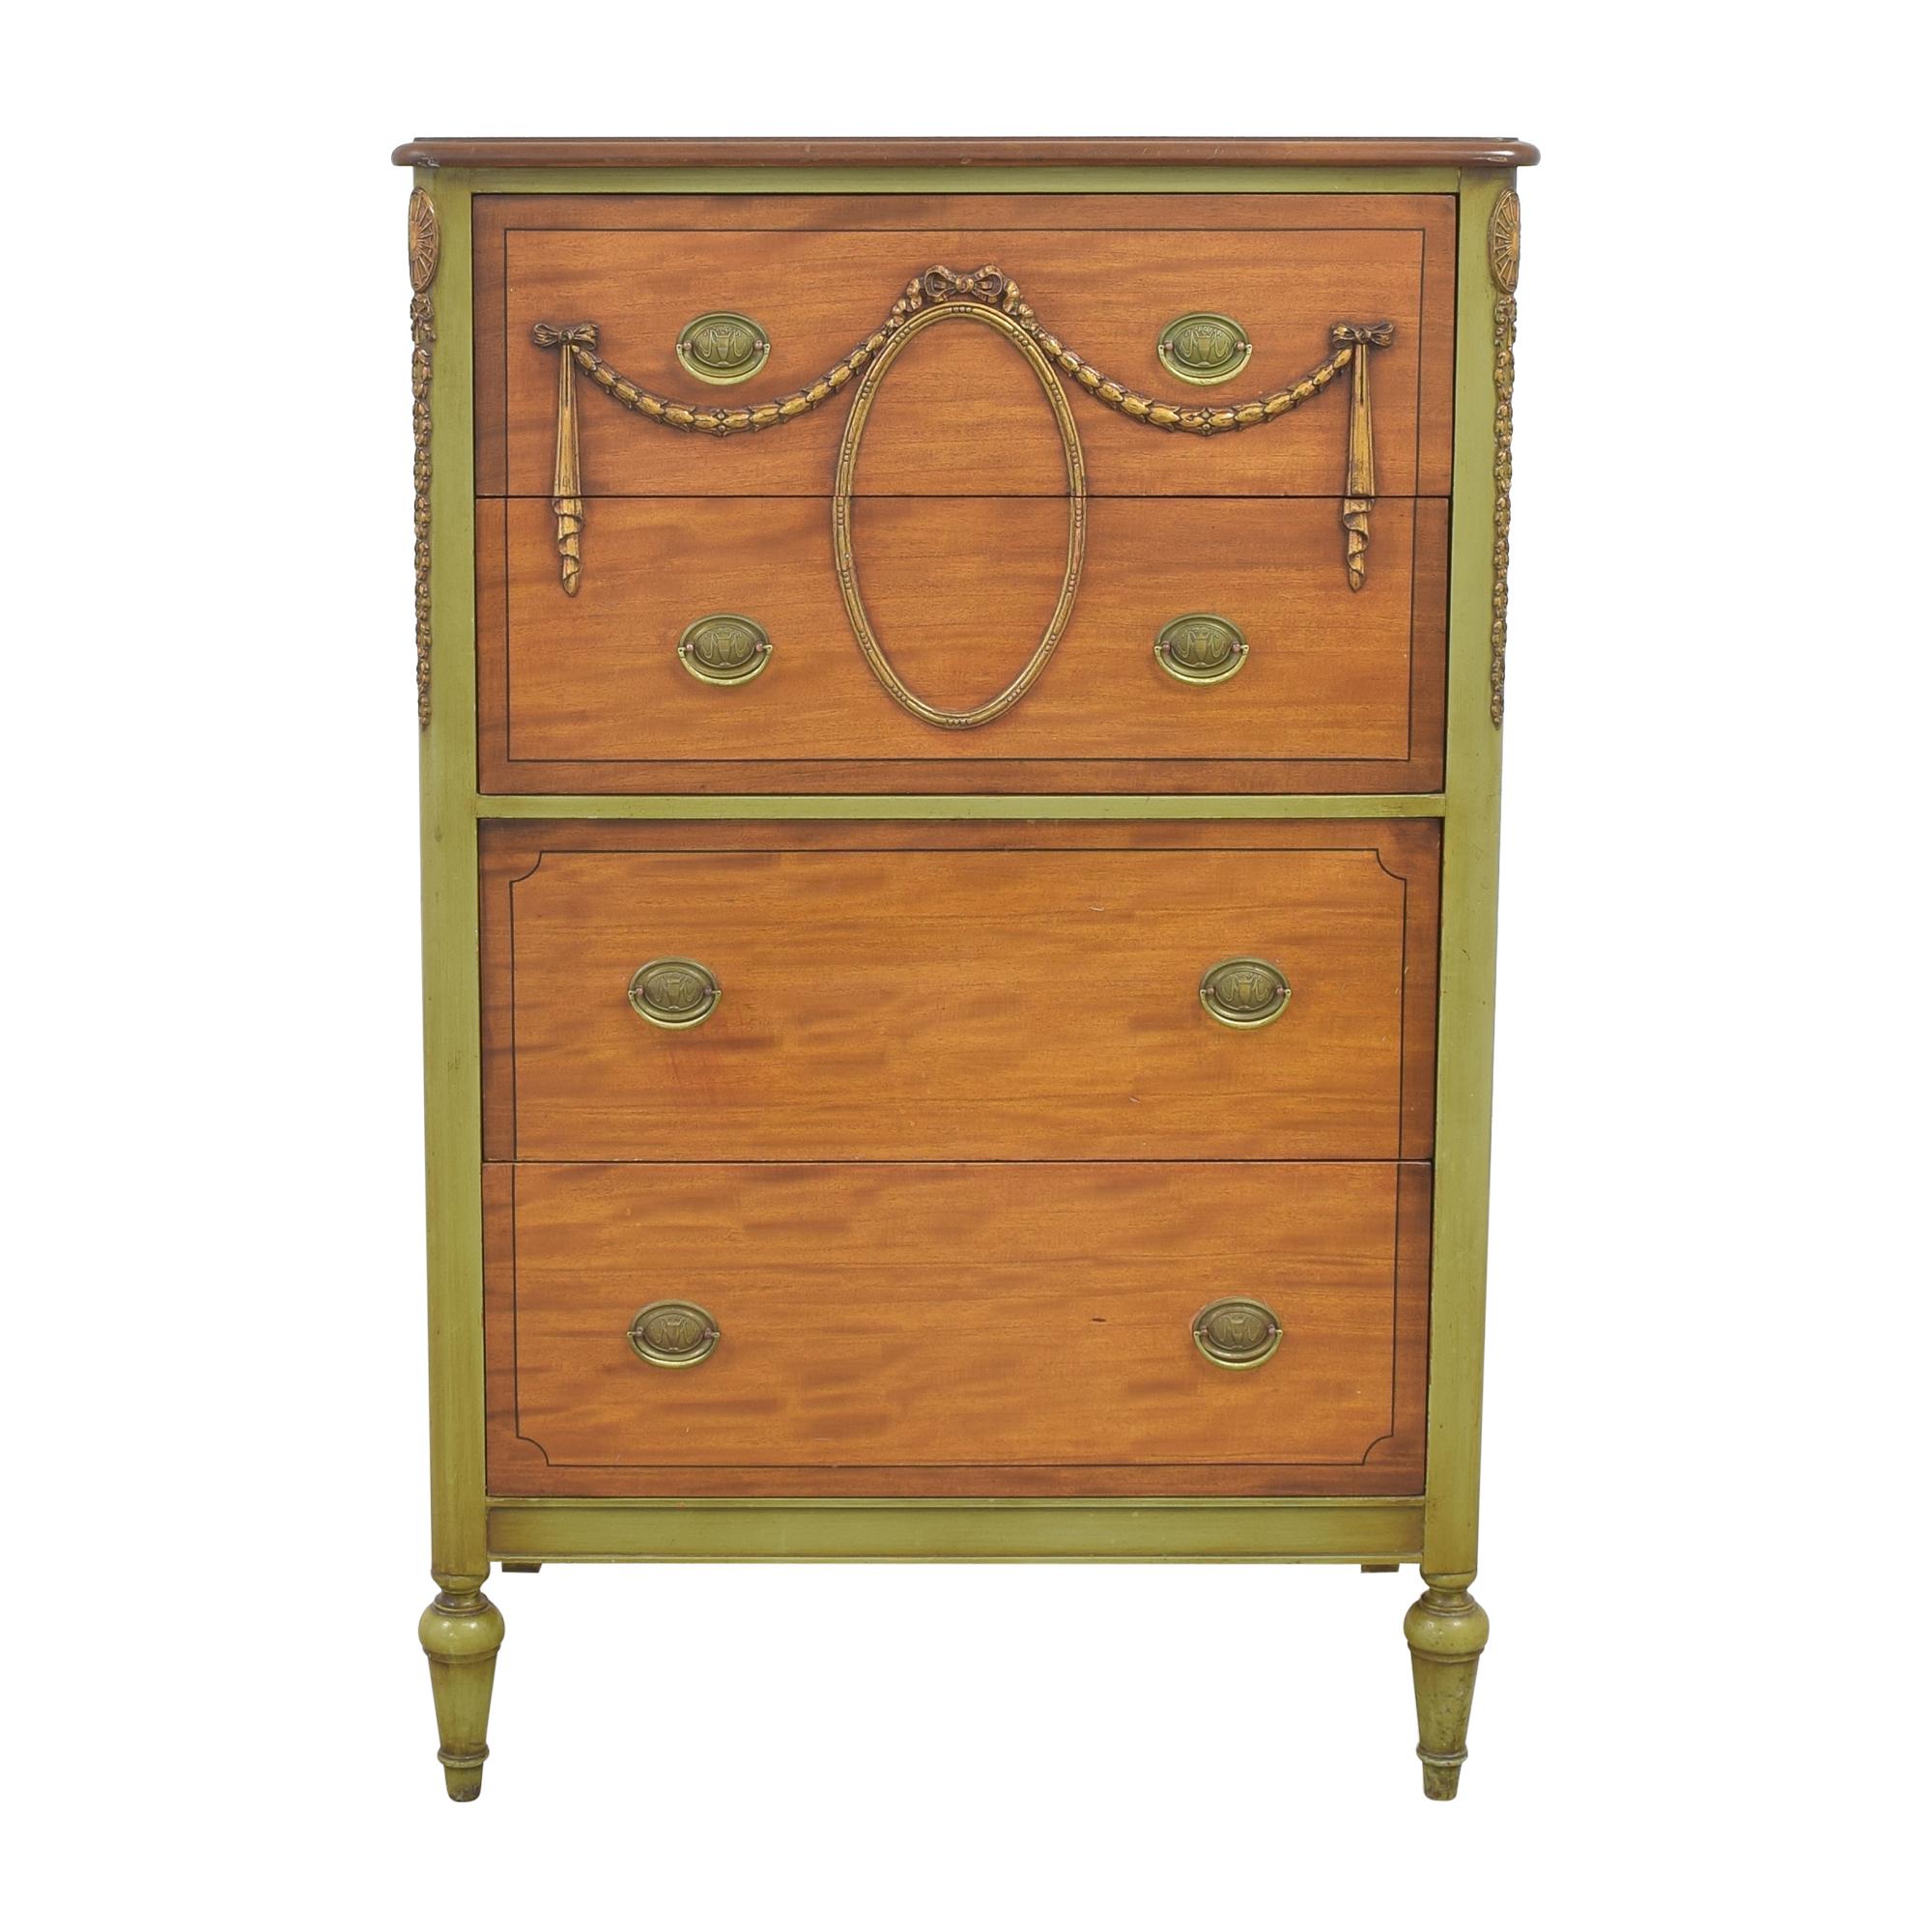 Berkey & Gay Vintage Four Drawer Dresser / Storage